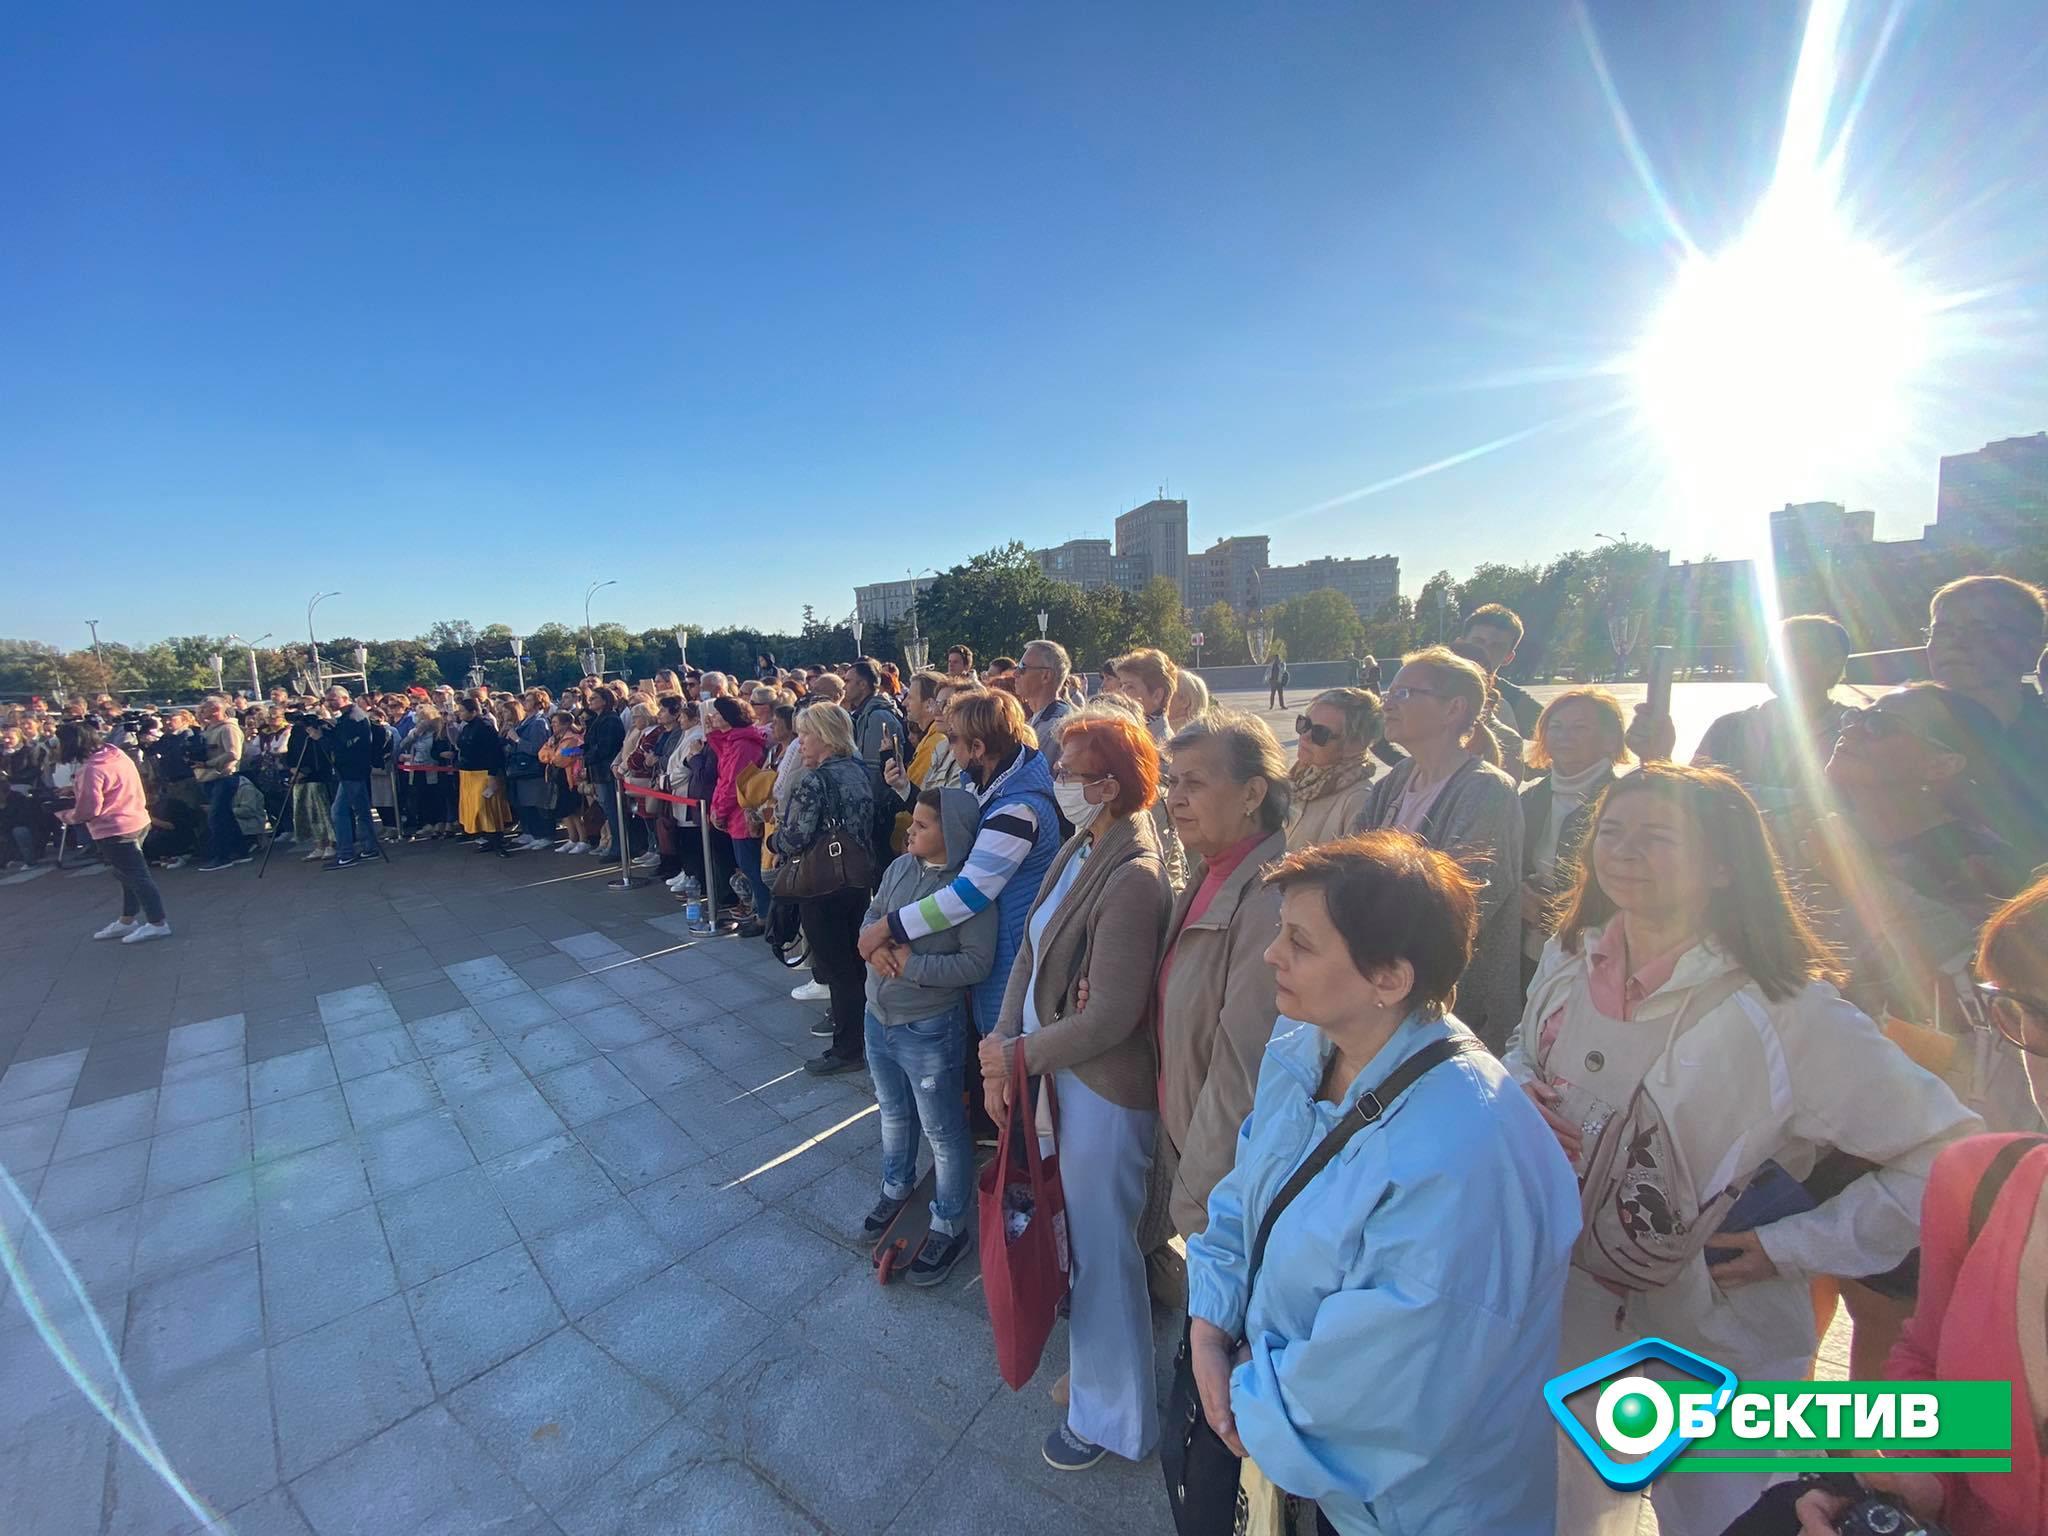 Американская скрипачка играет на красной скрипке Страдивари в центре Харькова